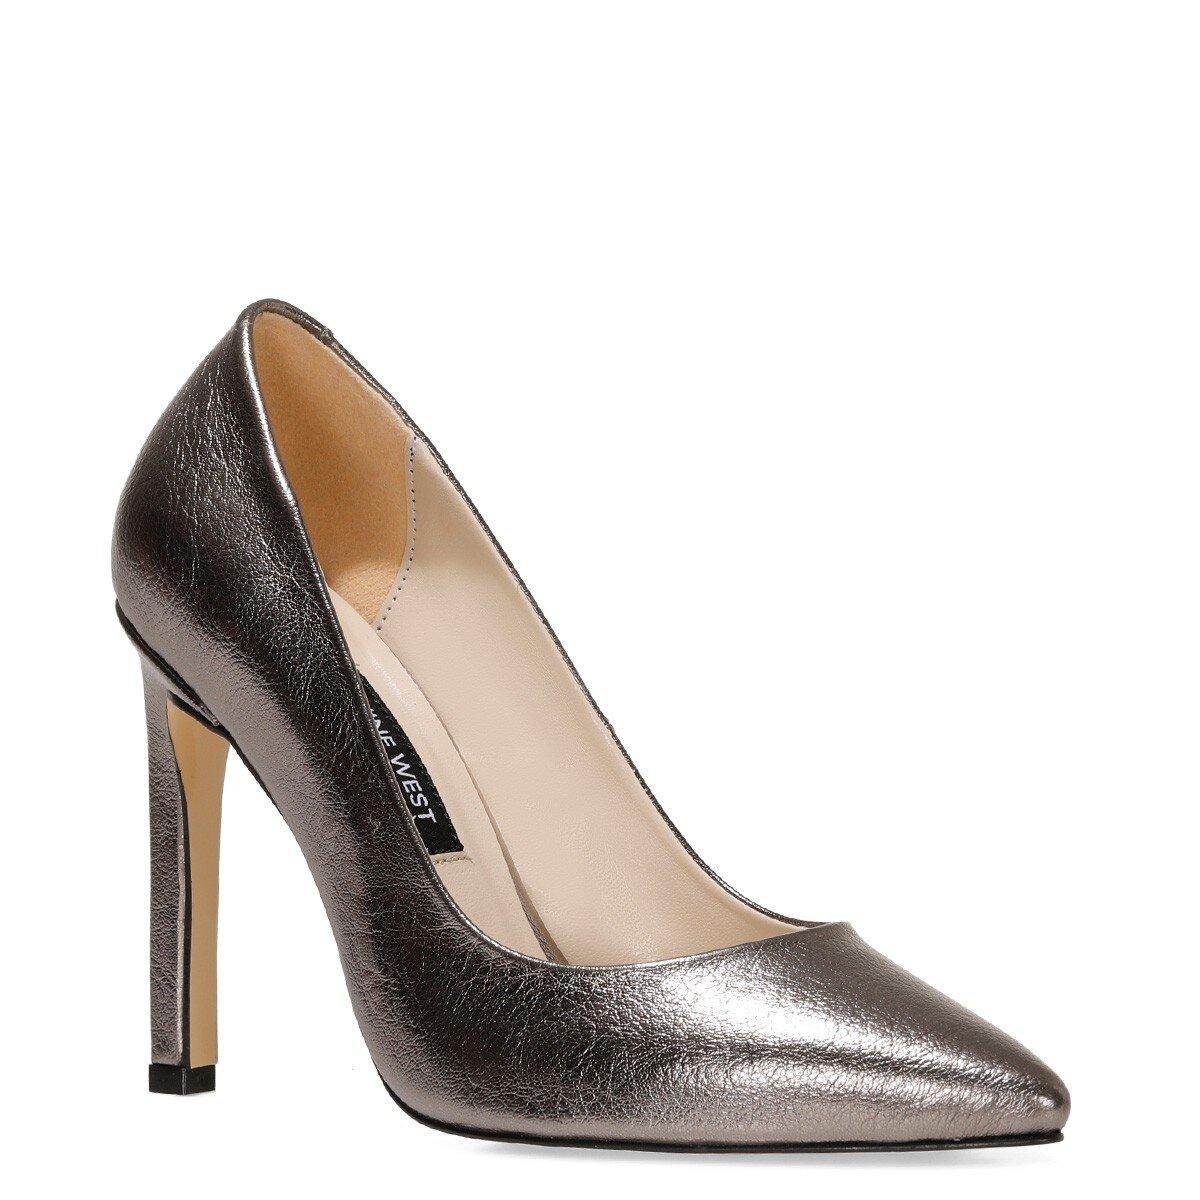 BANINA 3 1FX Antrasit Kadın Gova Ayakkabı